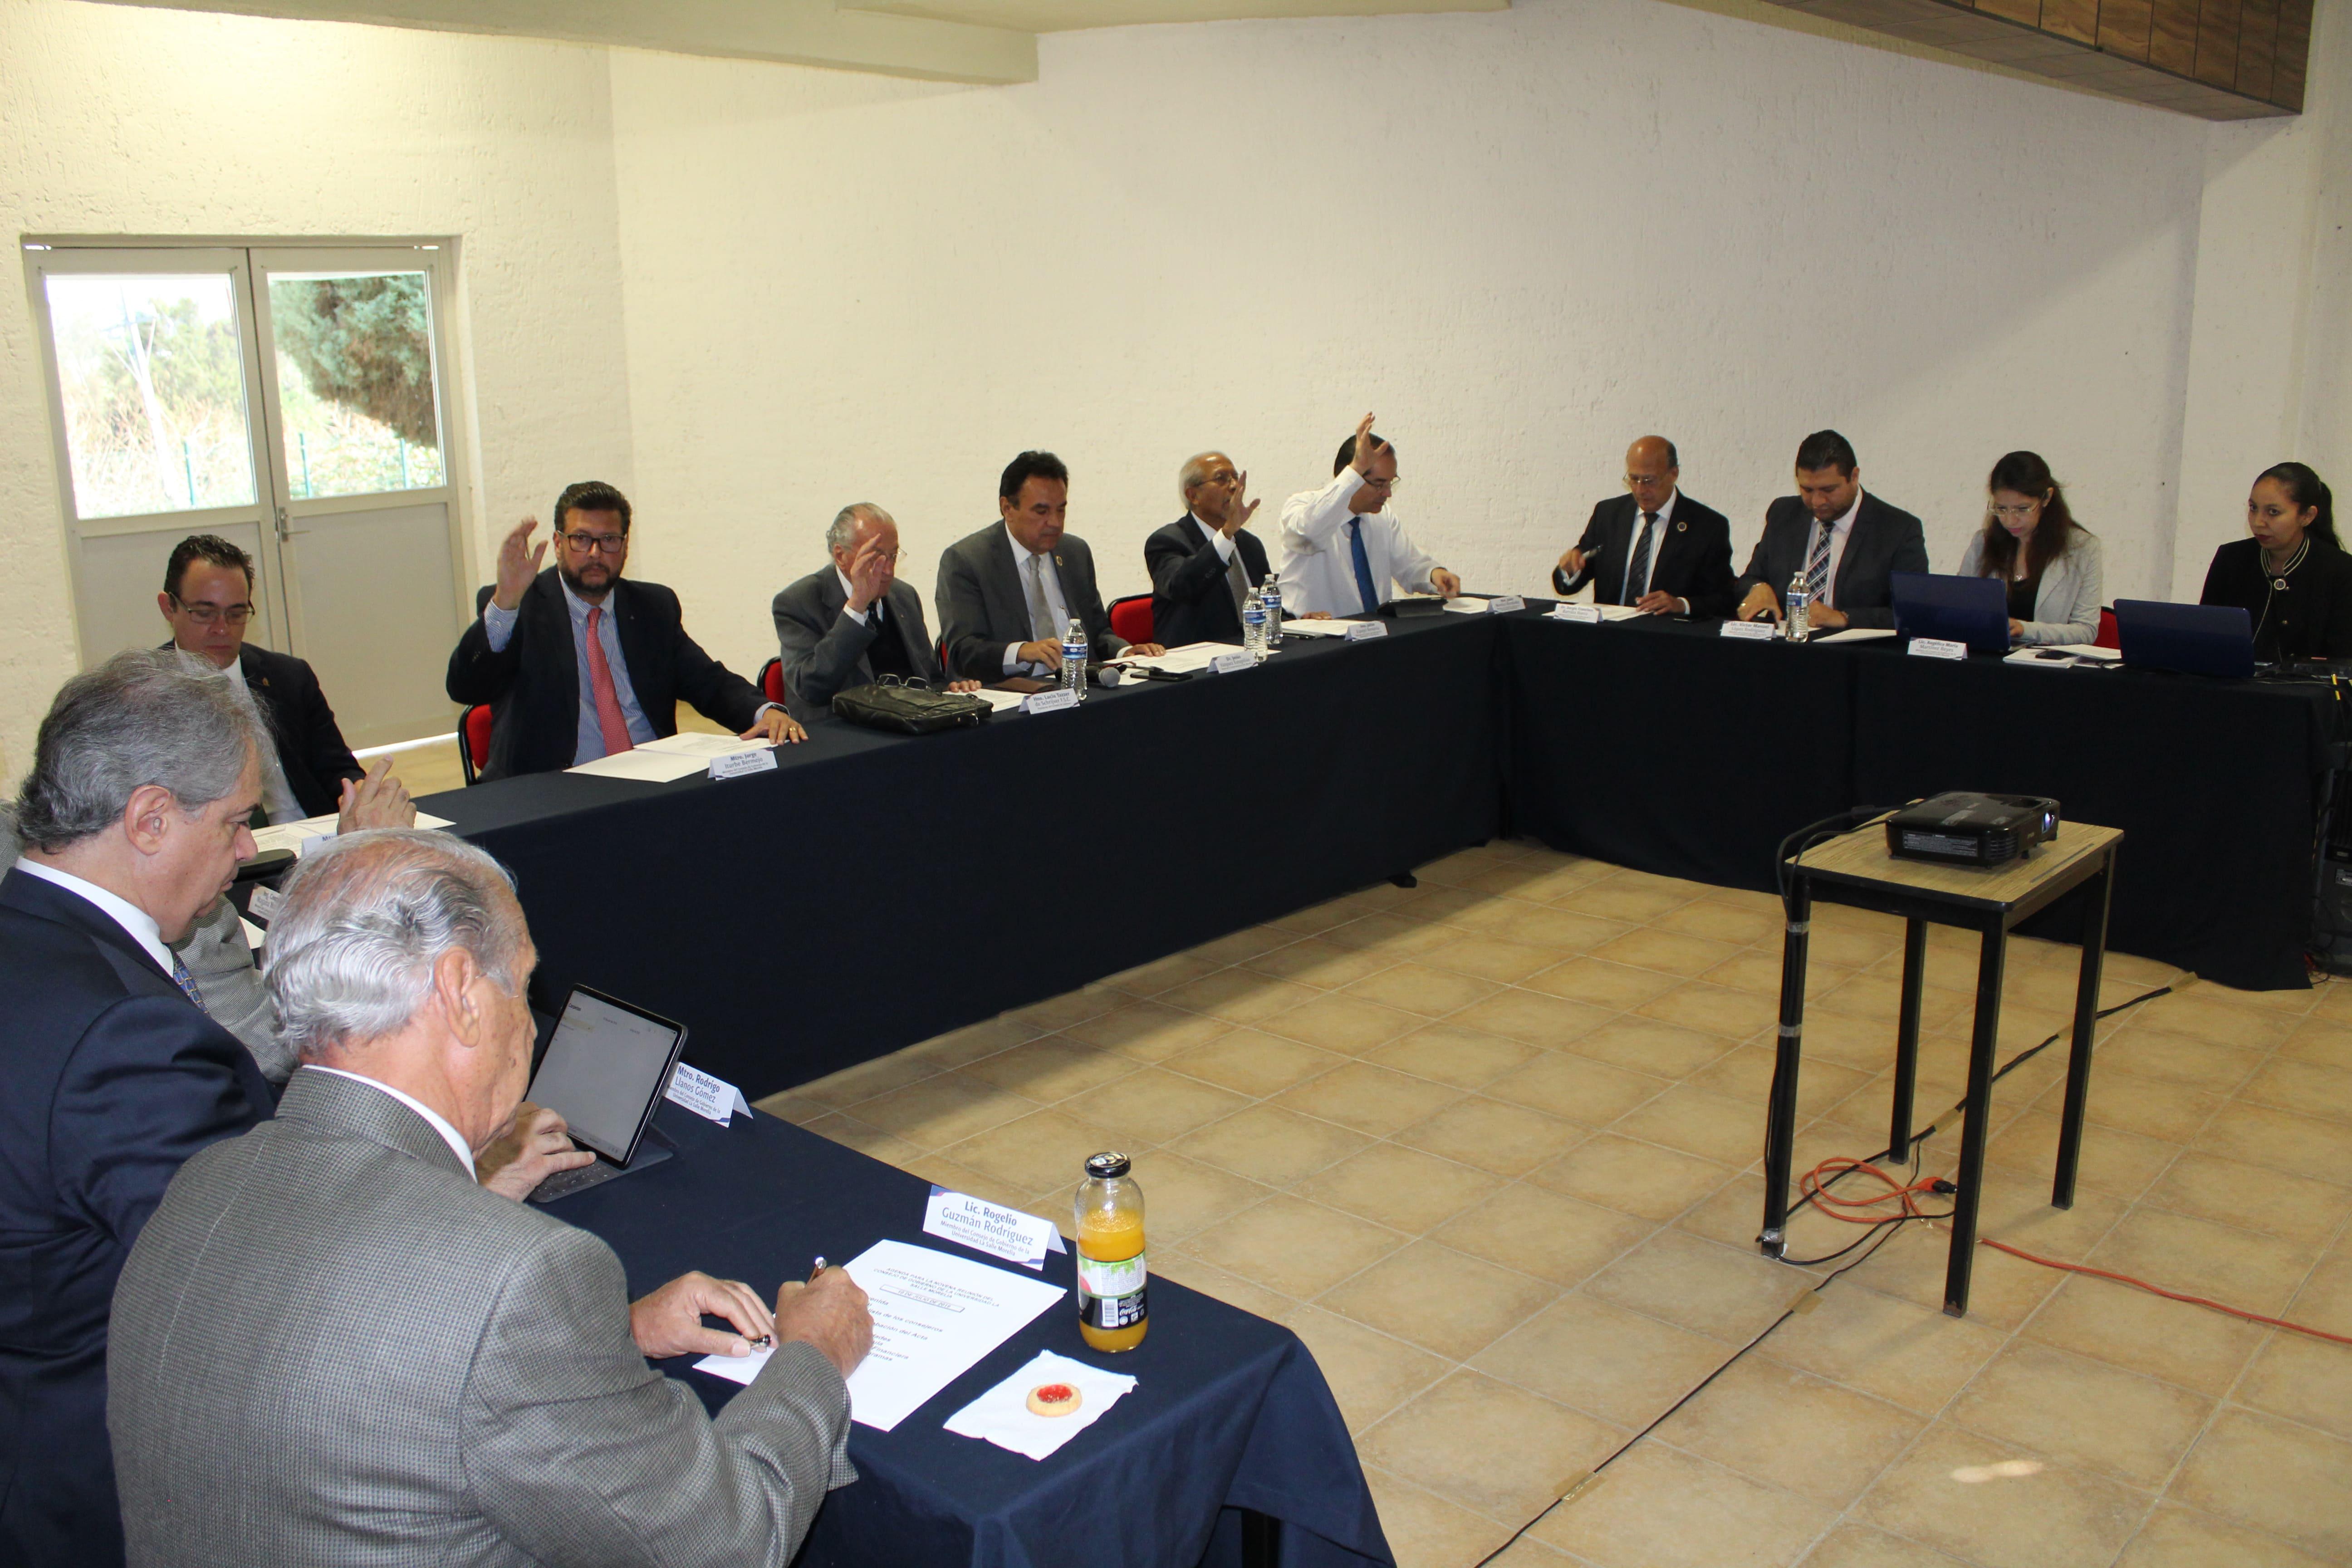 LA UNIVERSIDAD LA SALLE MORELIA, RECIBE A LOS INTEGRANTES DEL CONSEJO DE GOBIERNO